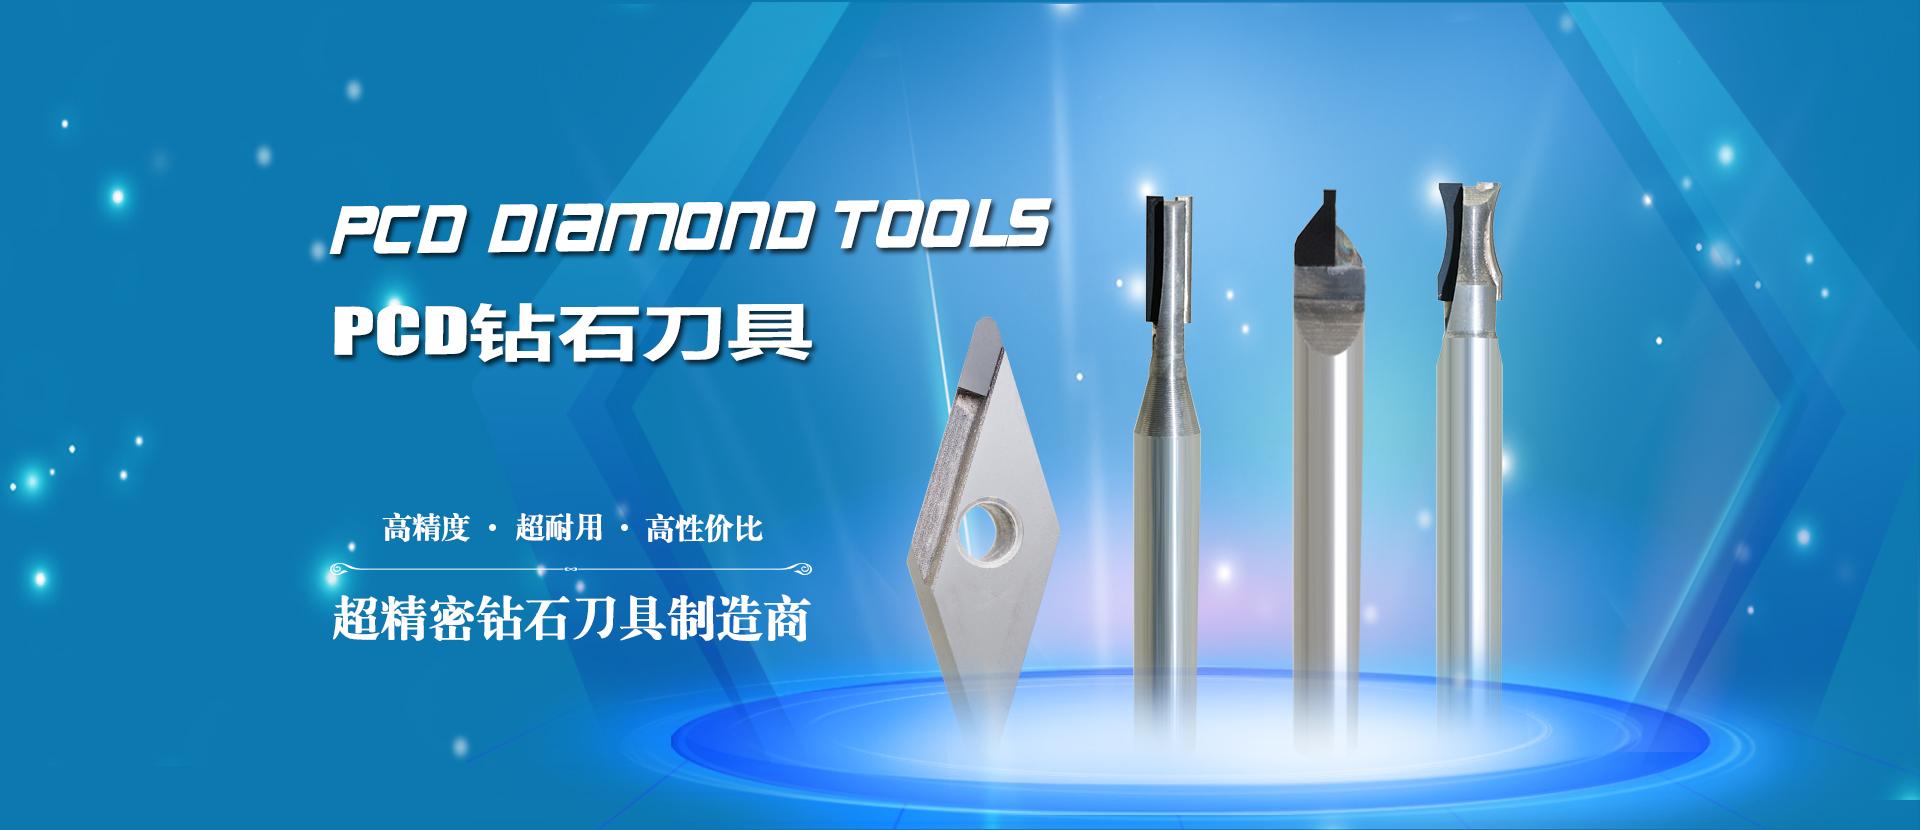 誉和PCD钻石刀具